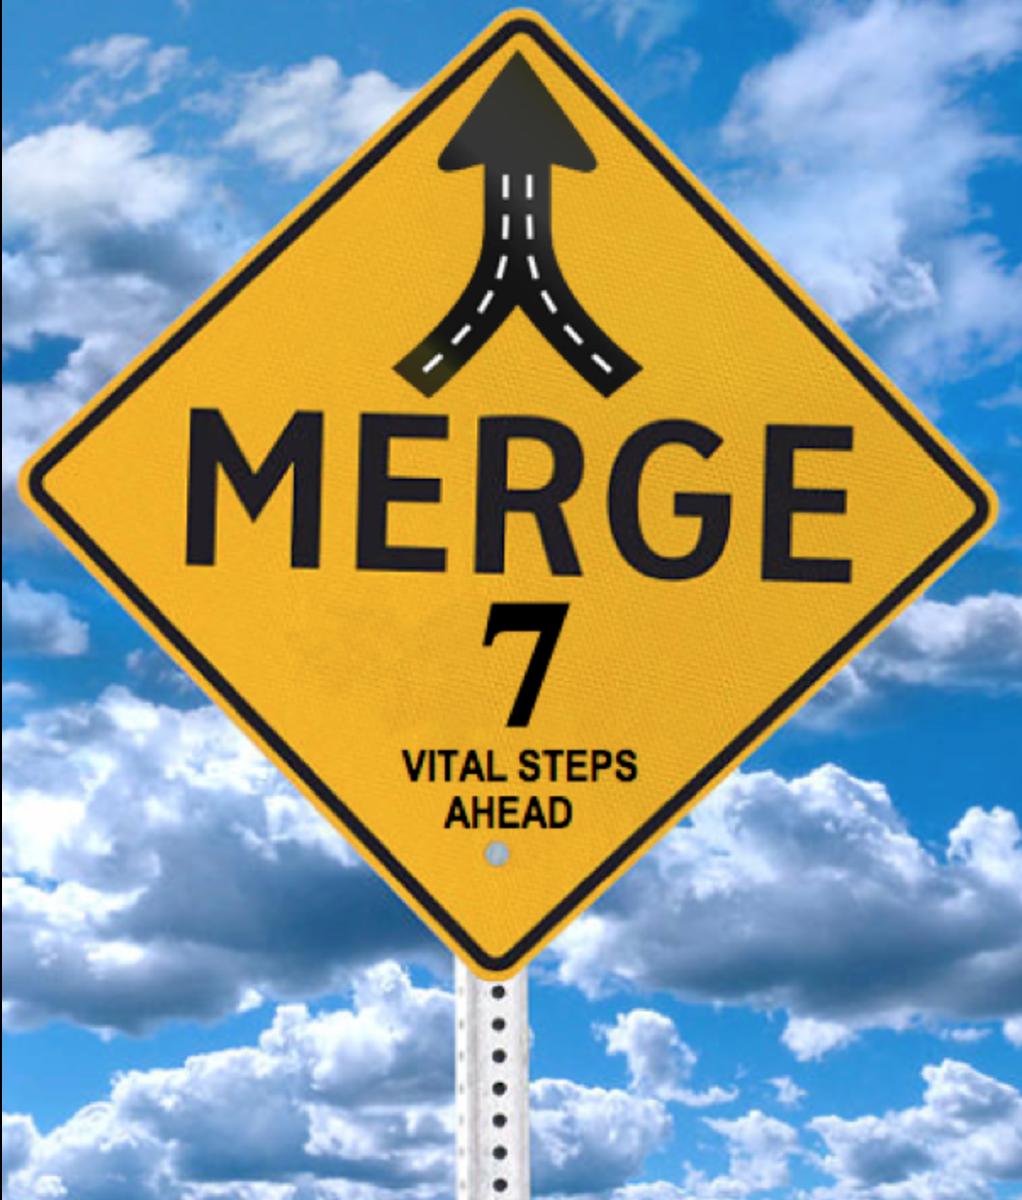 7 Vital Steps for the Venturous